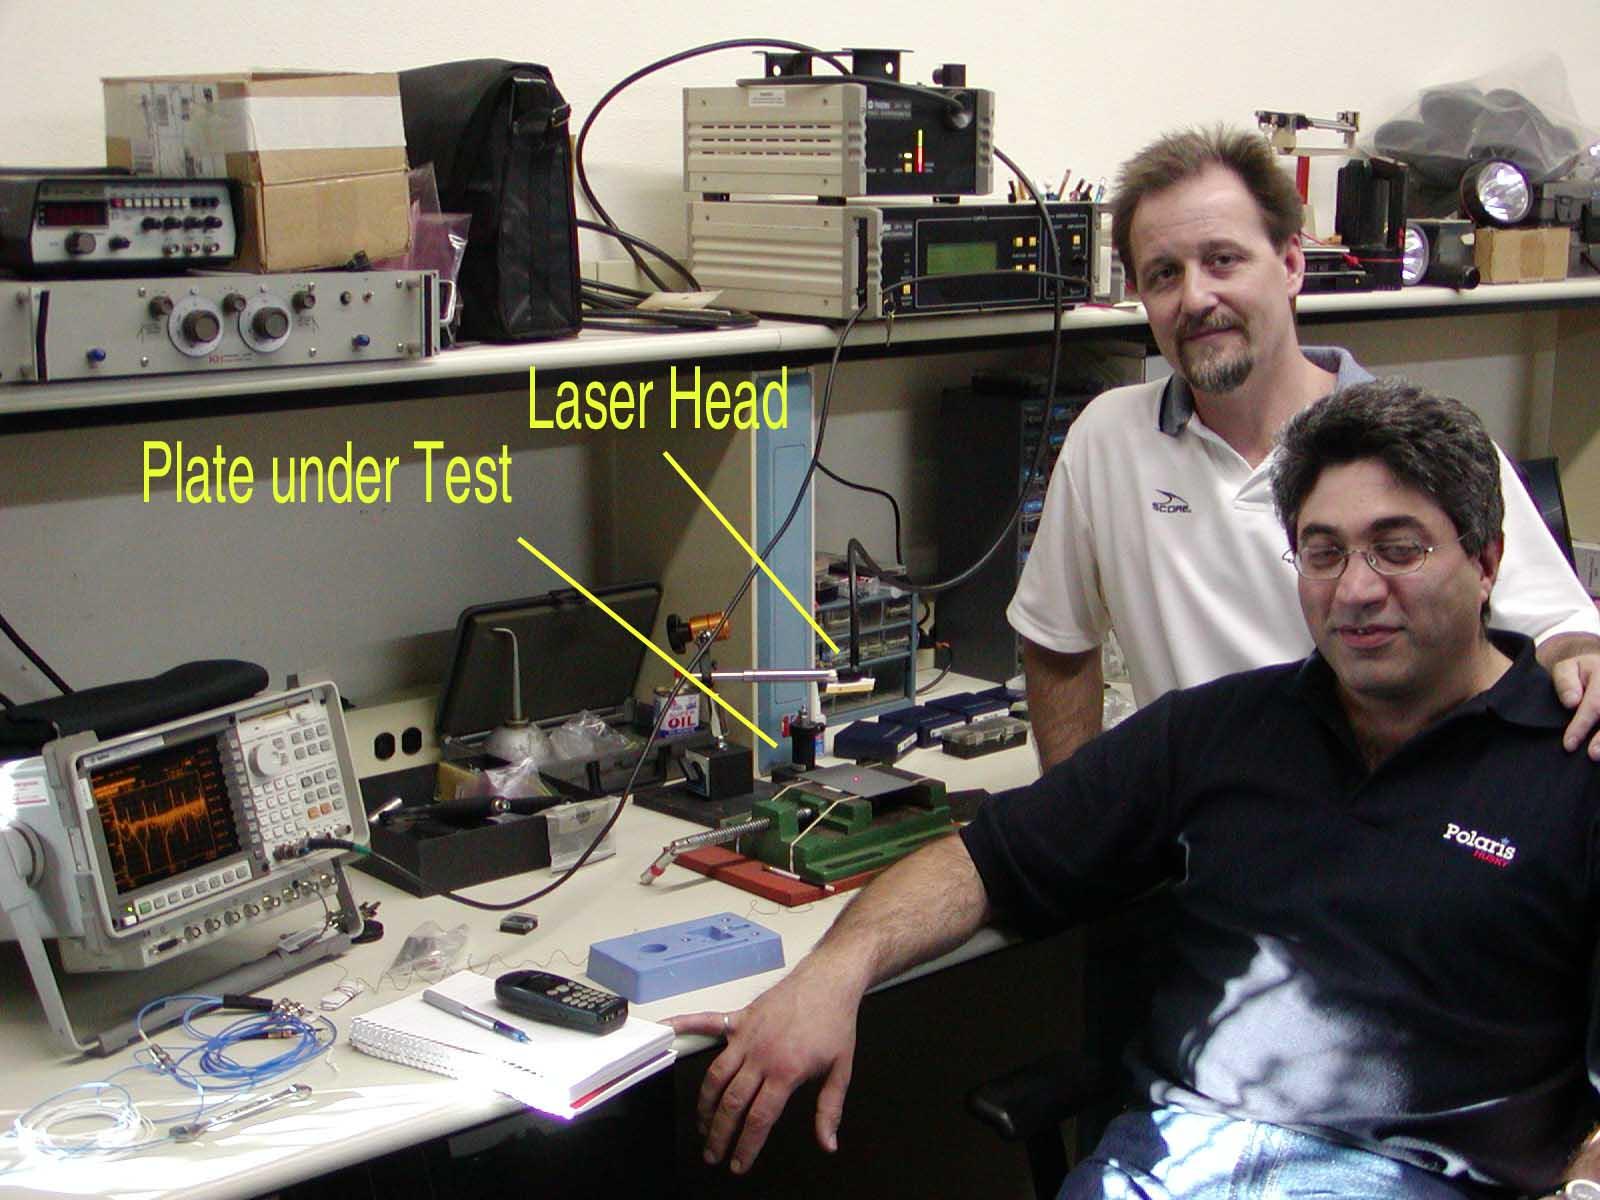 Modal_Laser_Plate.jpg